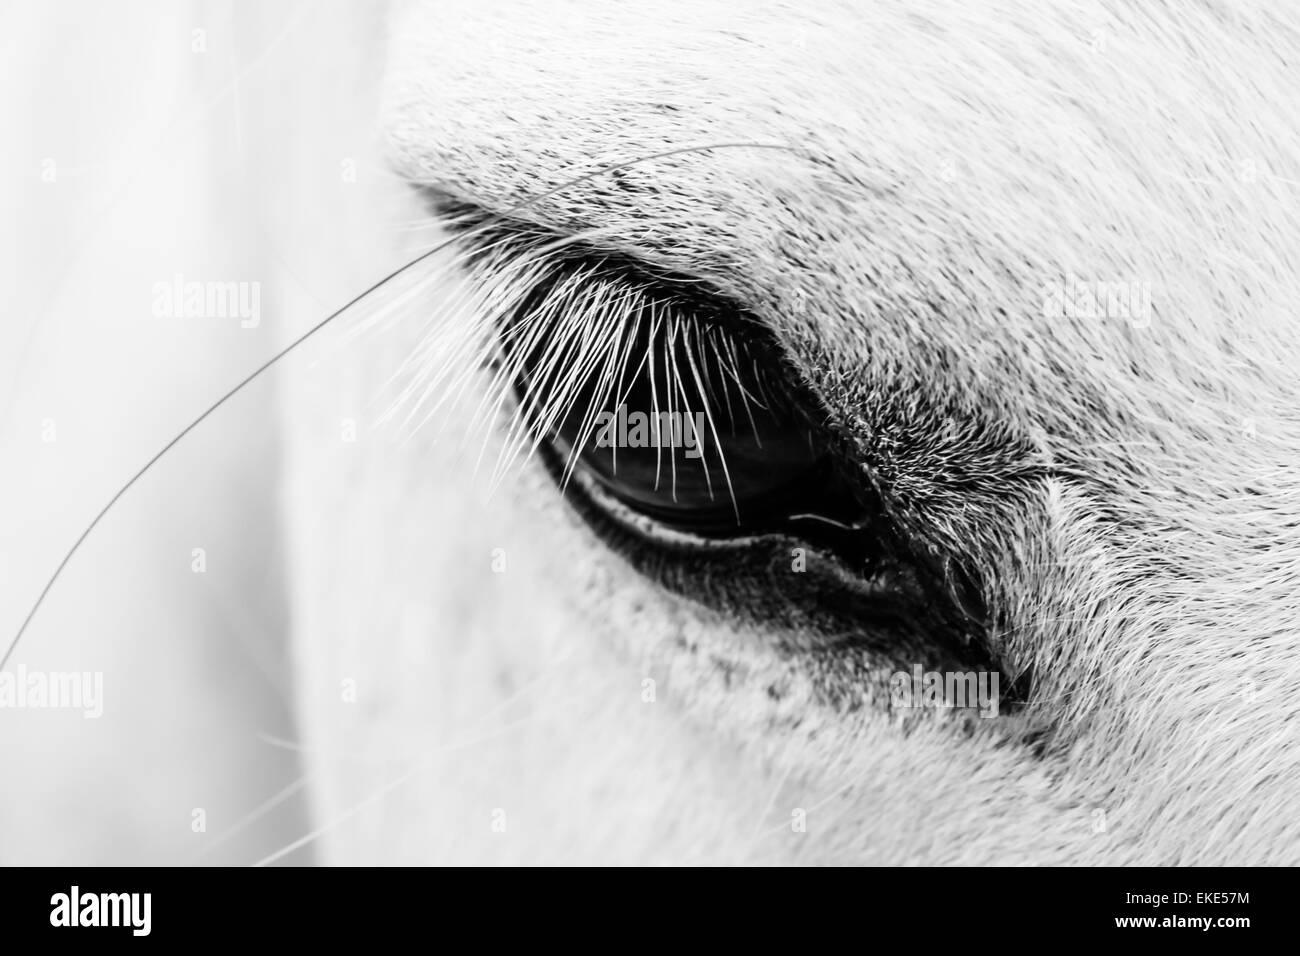 Dettaglio di un cavallo bianco Immagini Stock